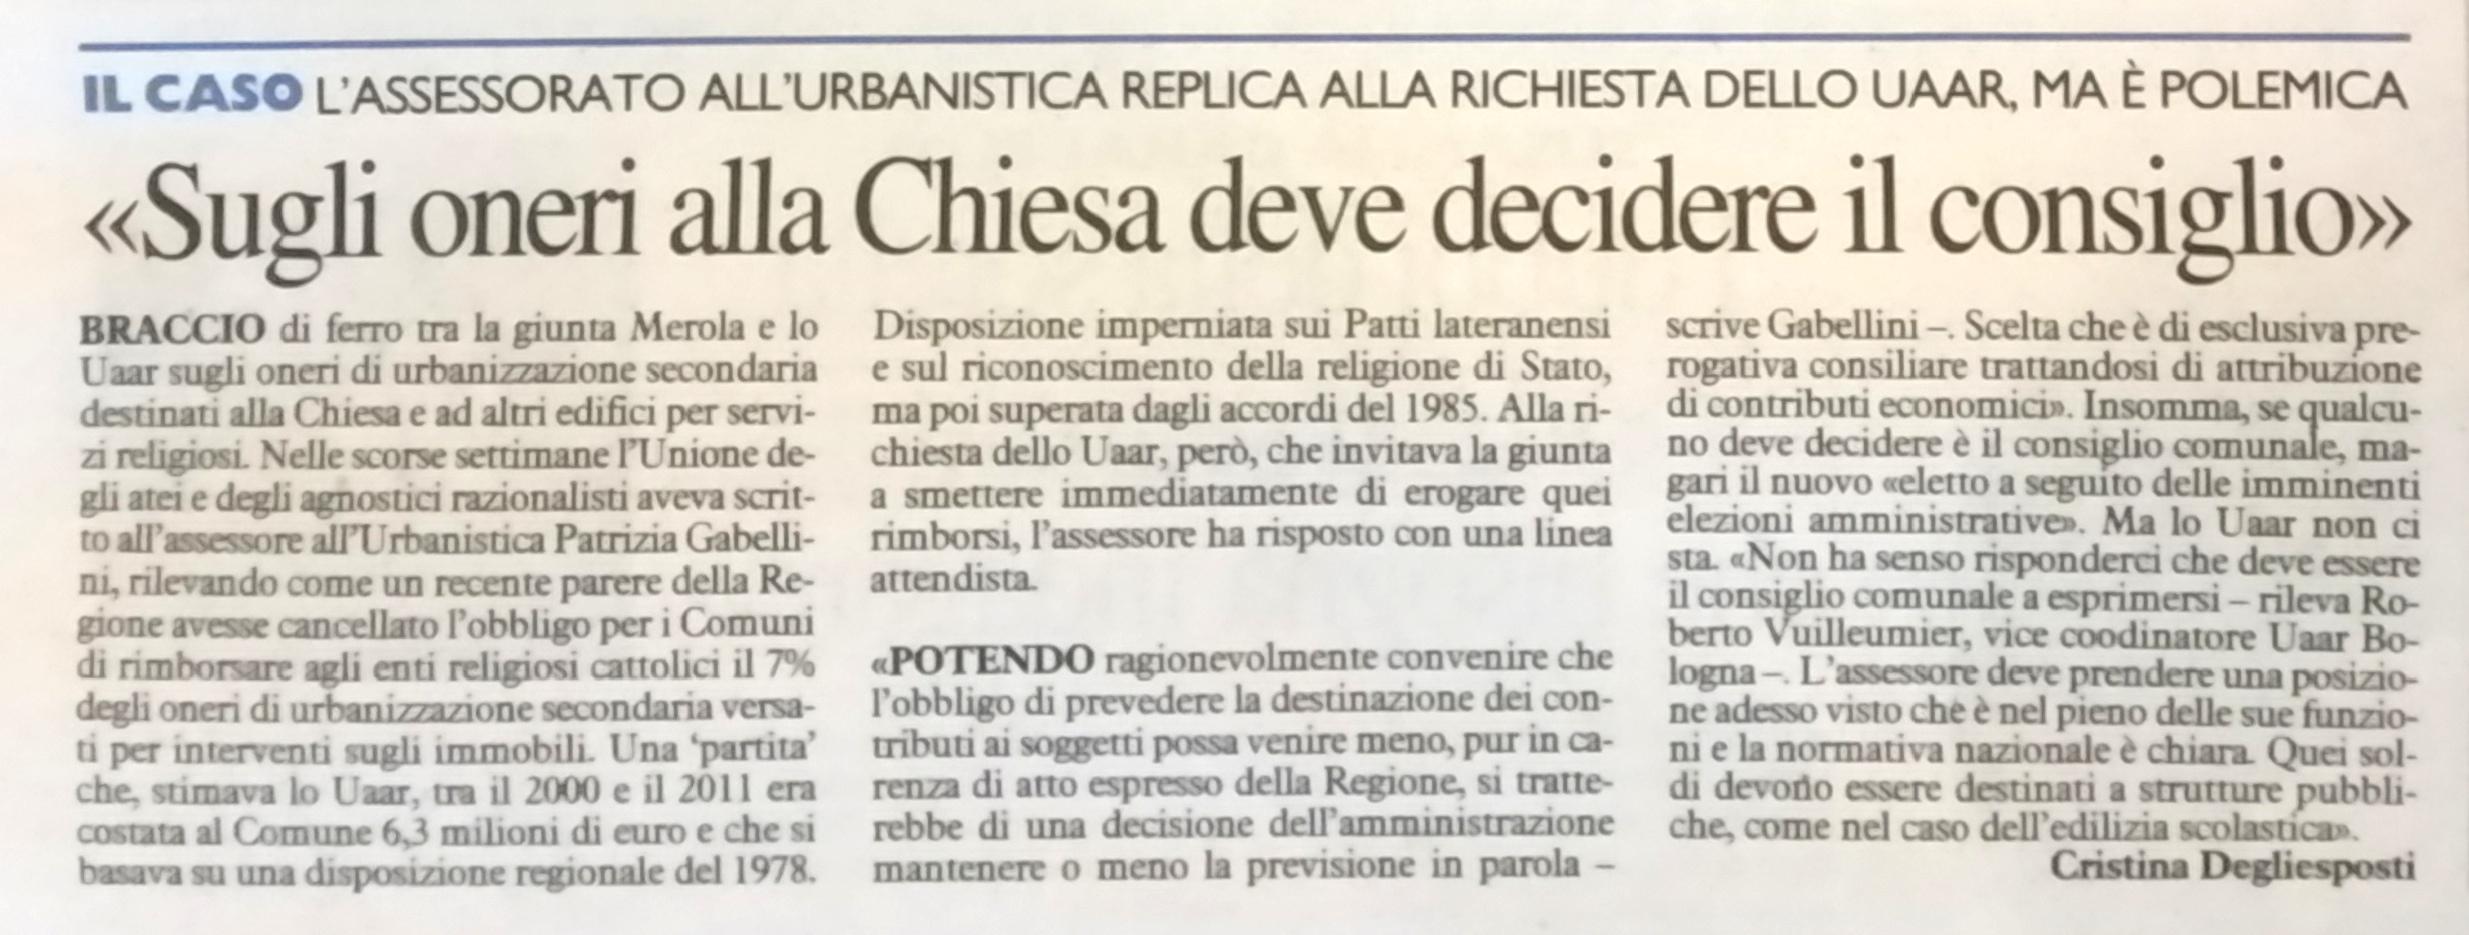 Articolo di Cristina Degli Esposti, Resto del Carlino 29.4.2016